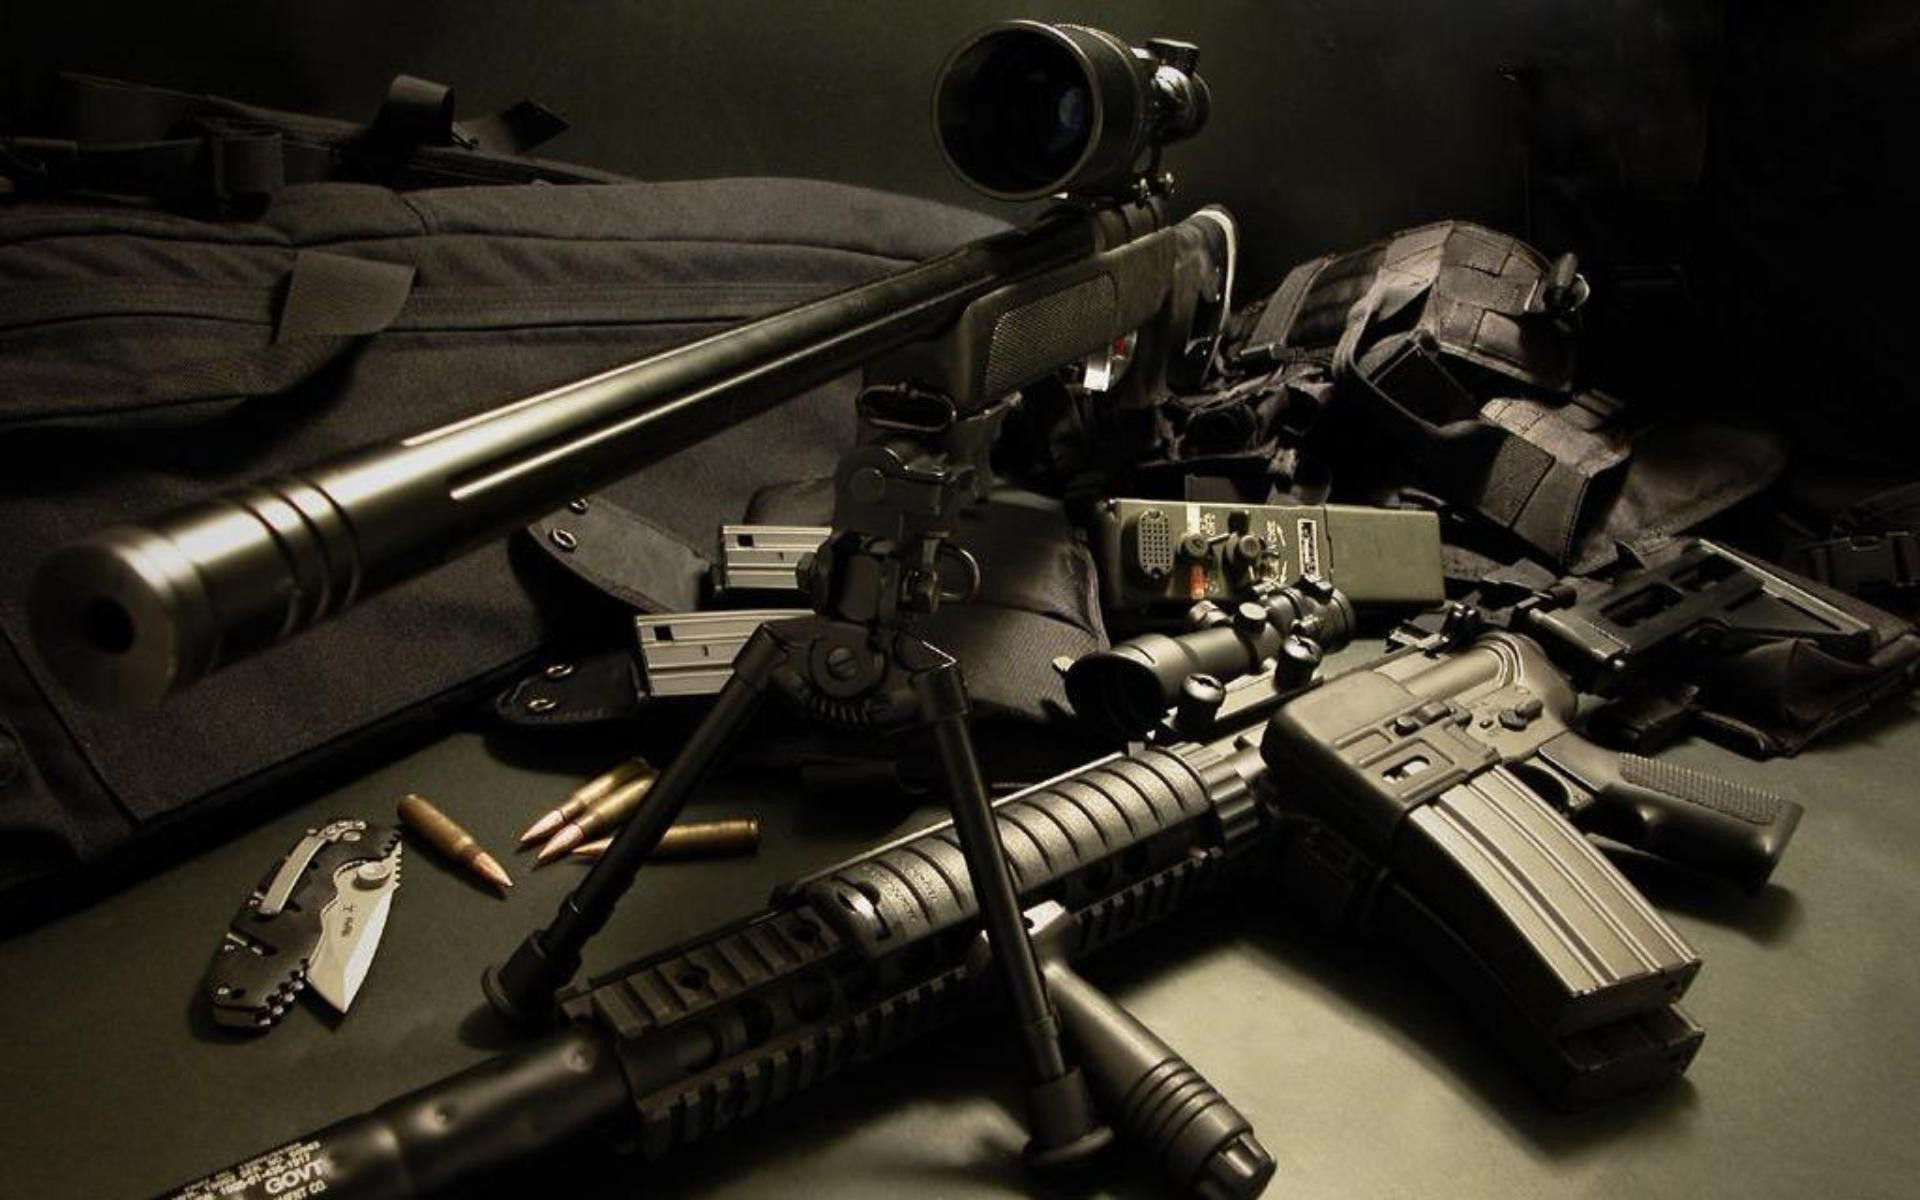 Sniper Cool Guns Wallpaper Widescreen Wallpaper WallpaperLepi 1920x1200